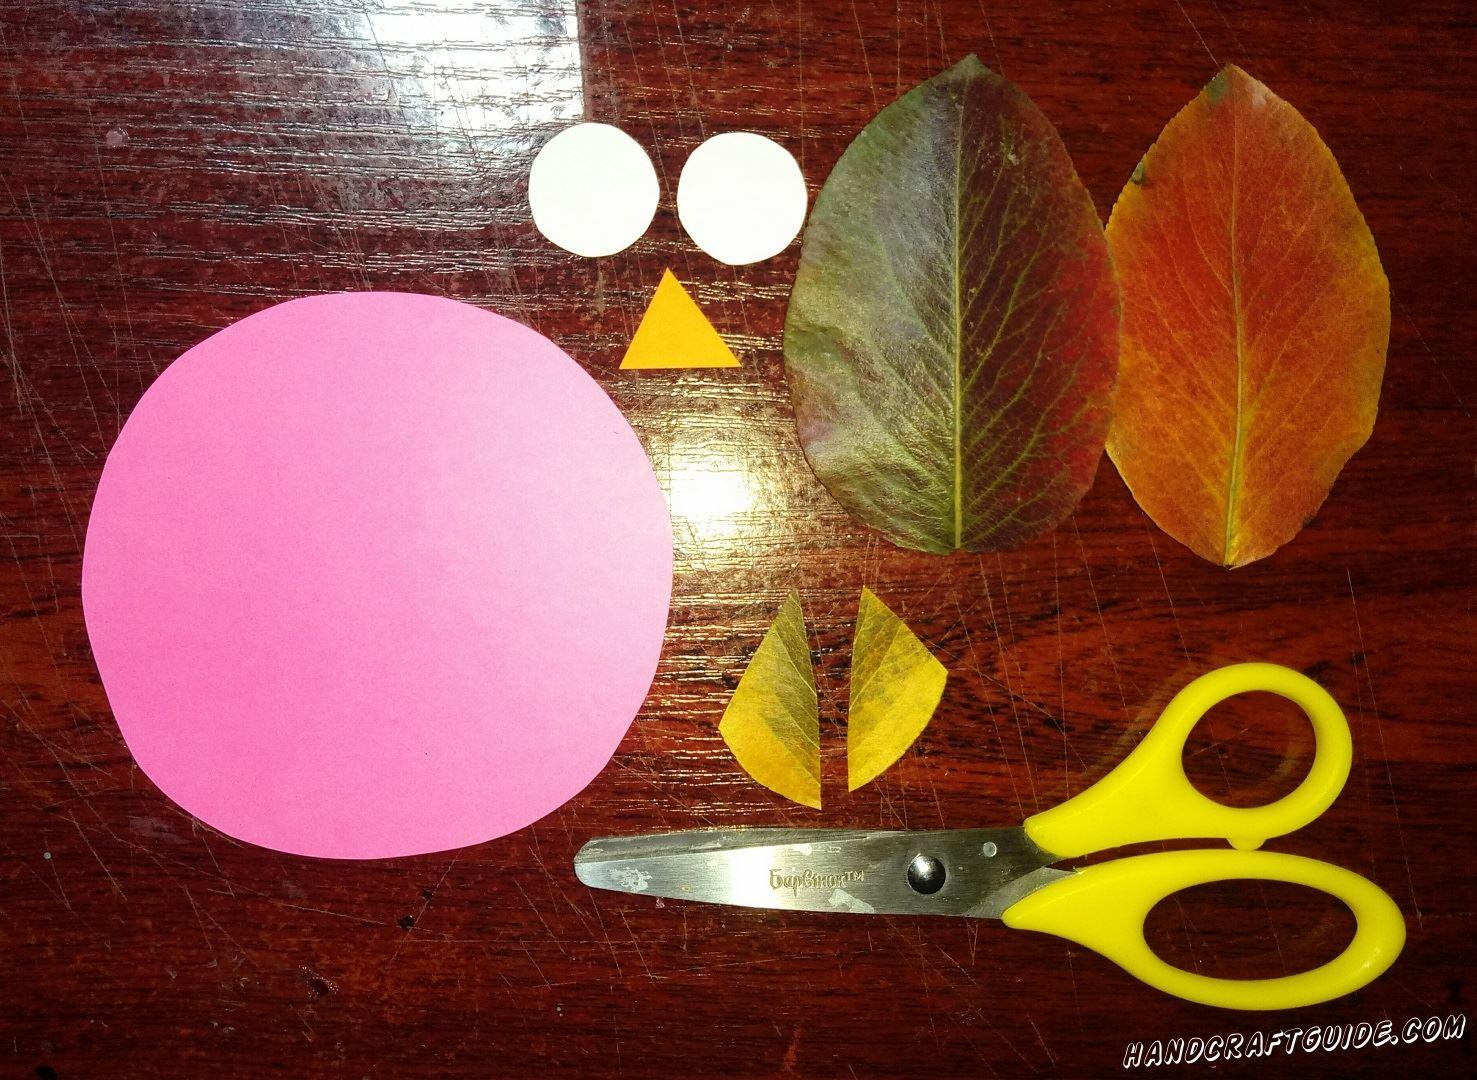 Давайте подготовим все необходимые нам фигурки: большой розовый круг из бумаги, два белых и один треугольник из бумаги желтого цвета. Также вырезаем два ушка из листочка с дерева